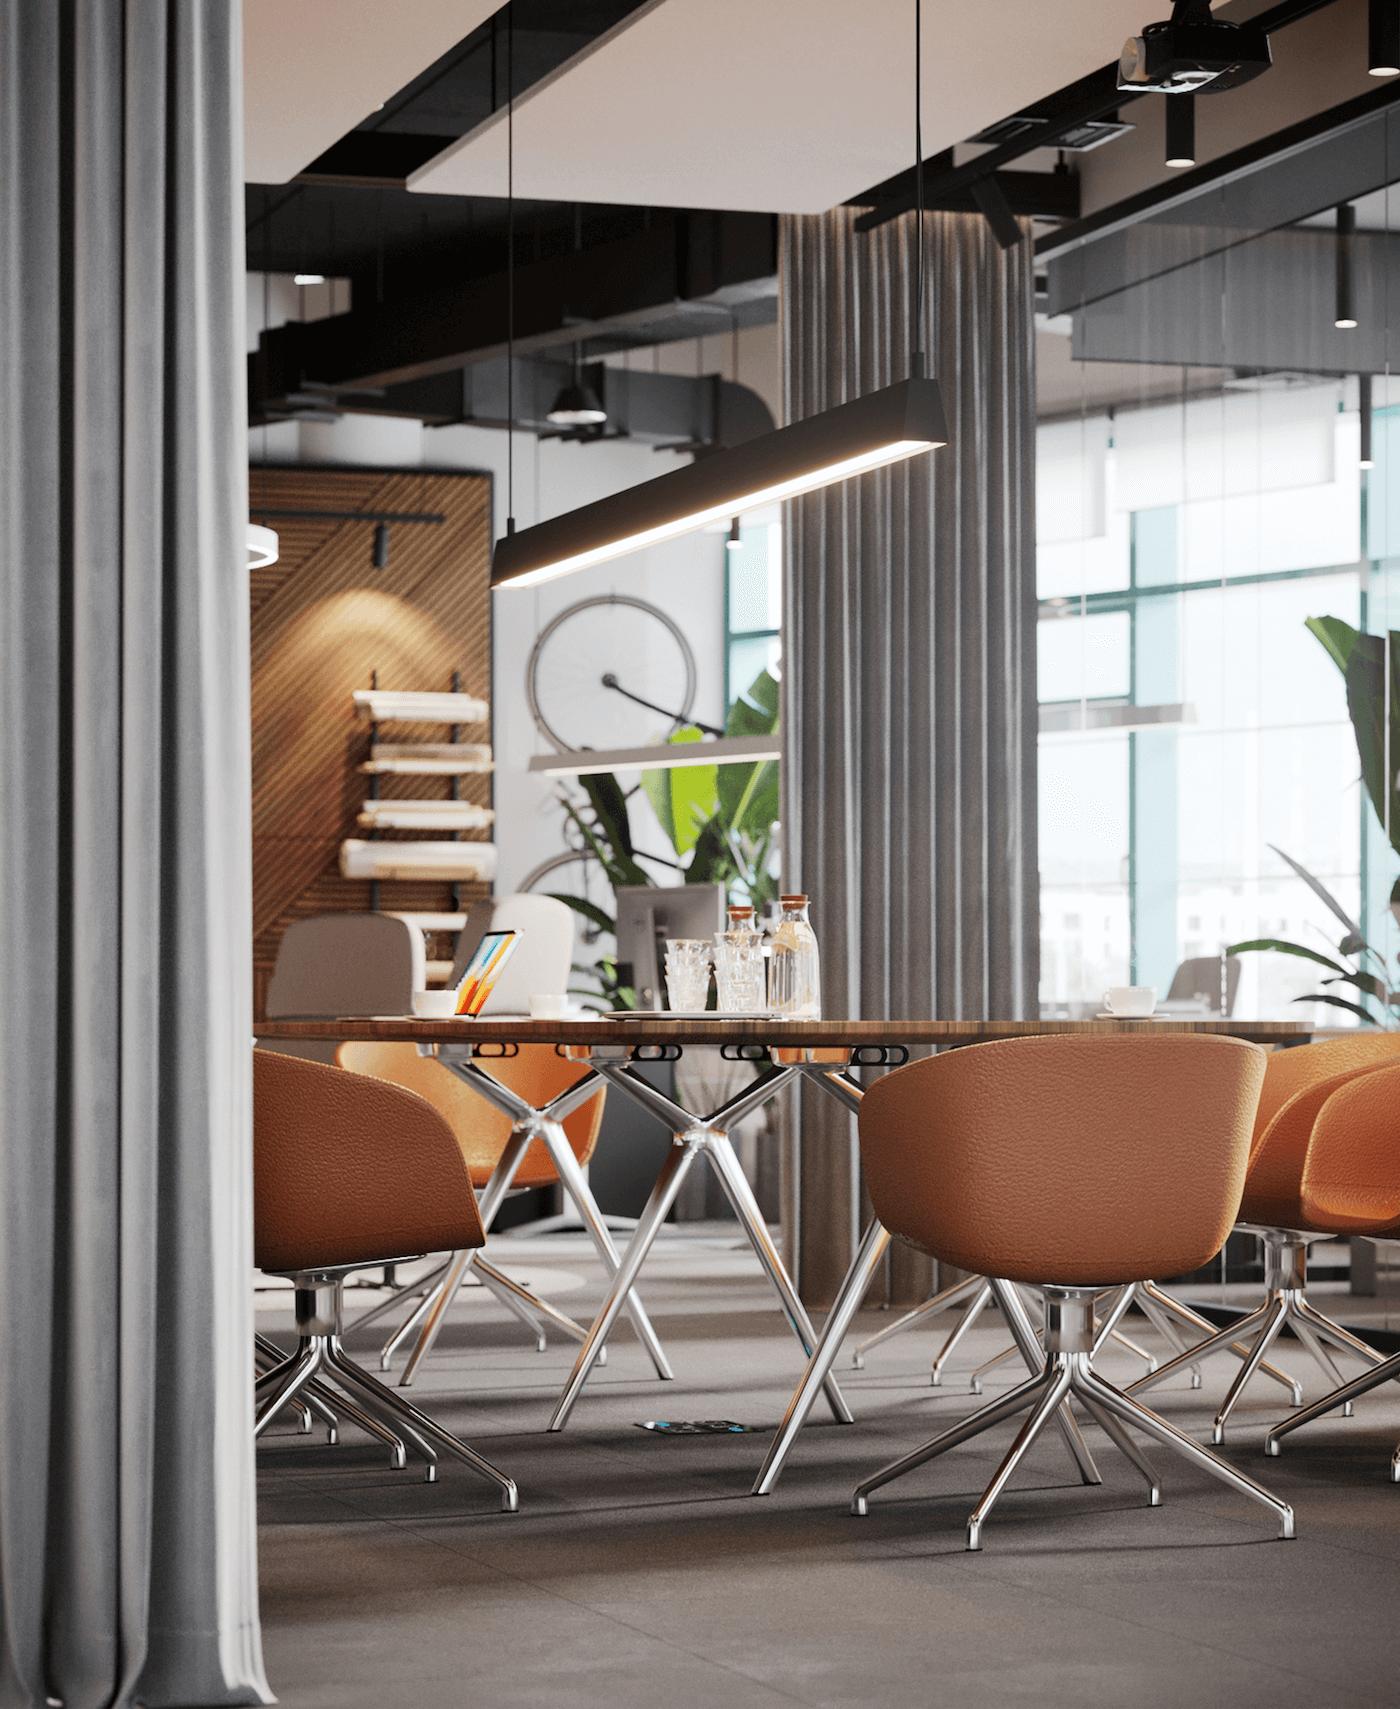 Architektur visualisierung 3d rendering agentur köln